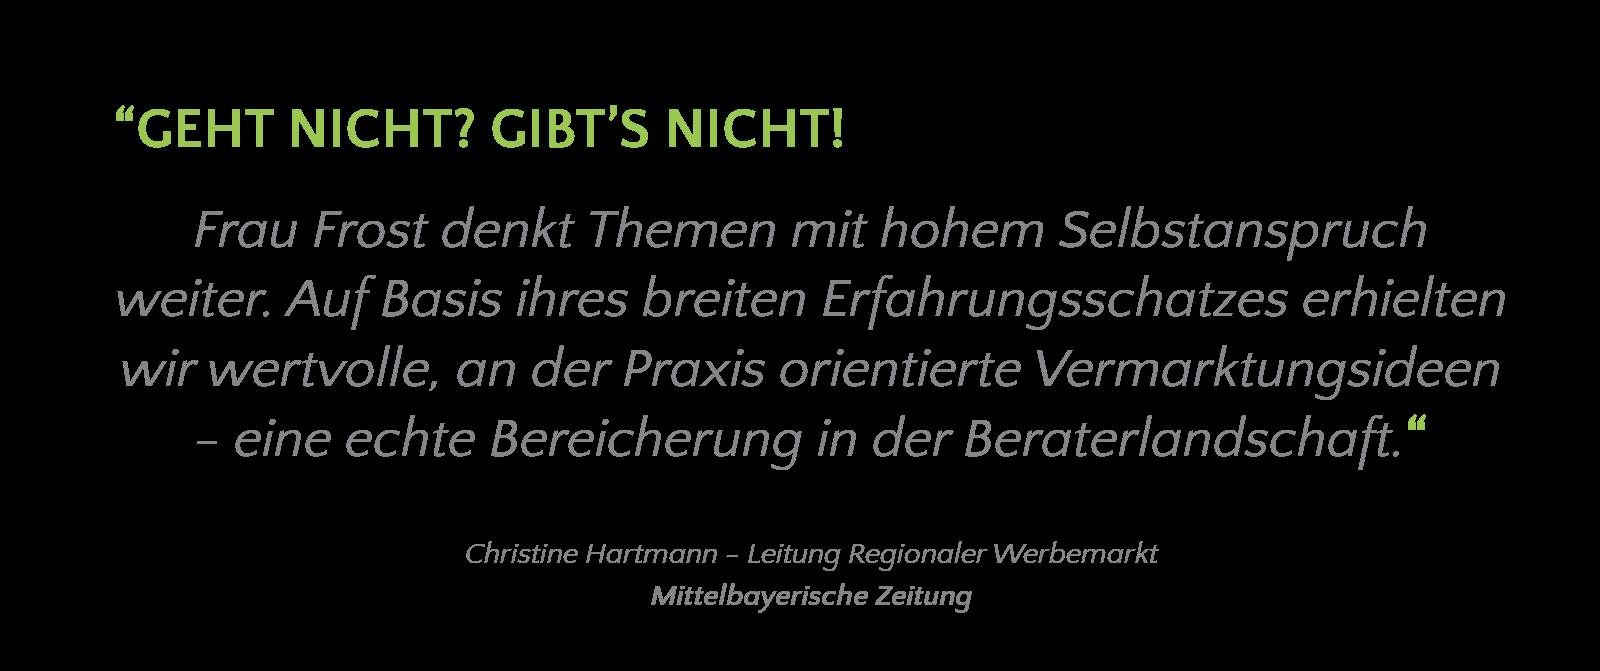 Empfehlung Mittelbayerische-Zeitung